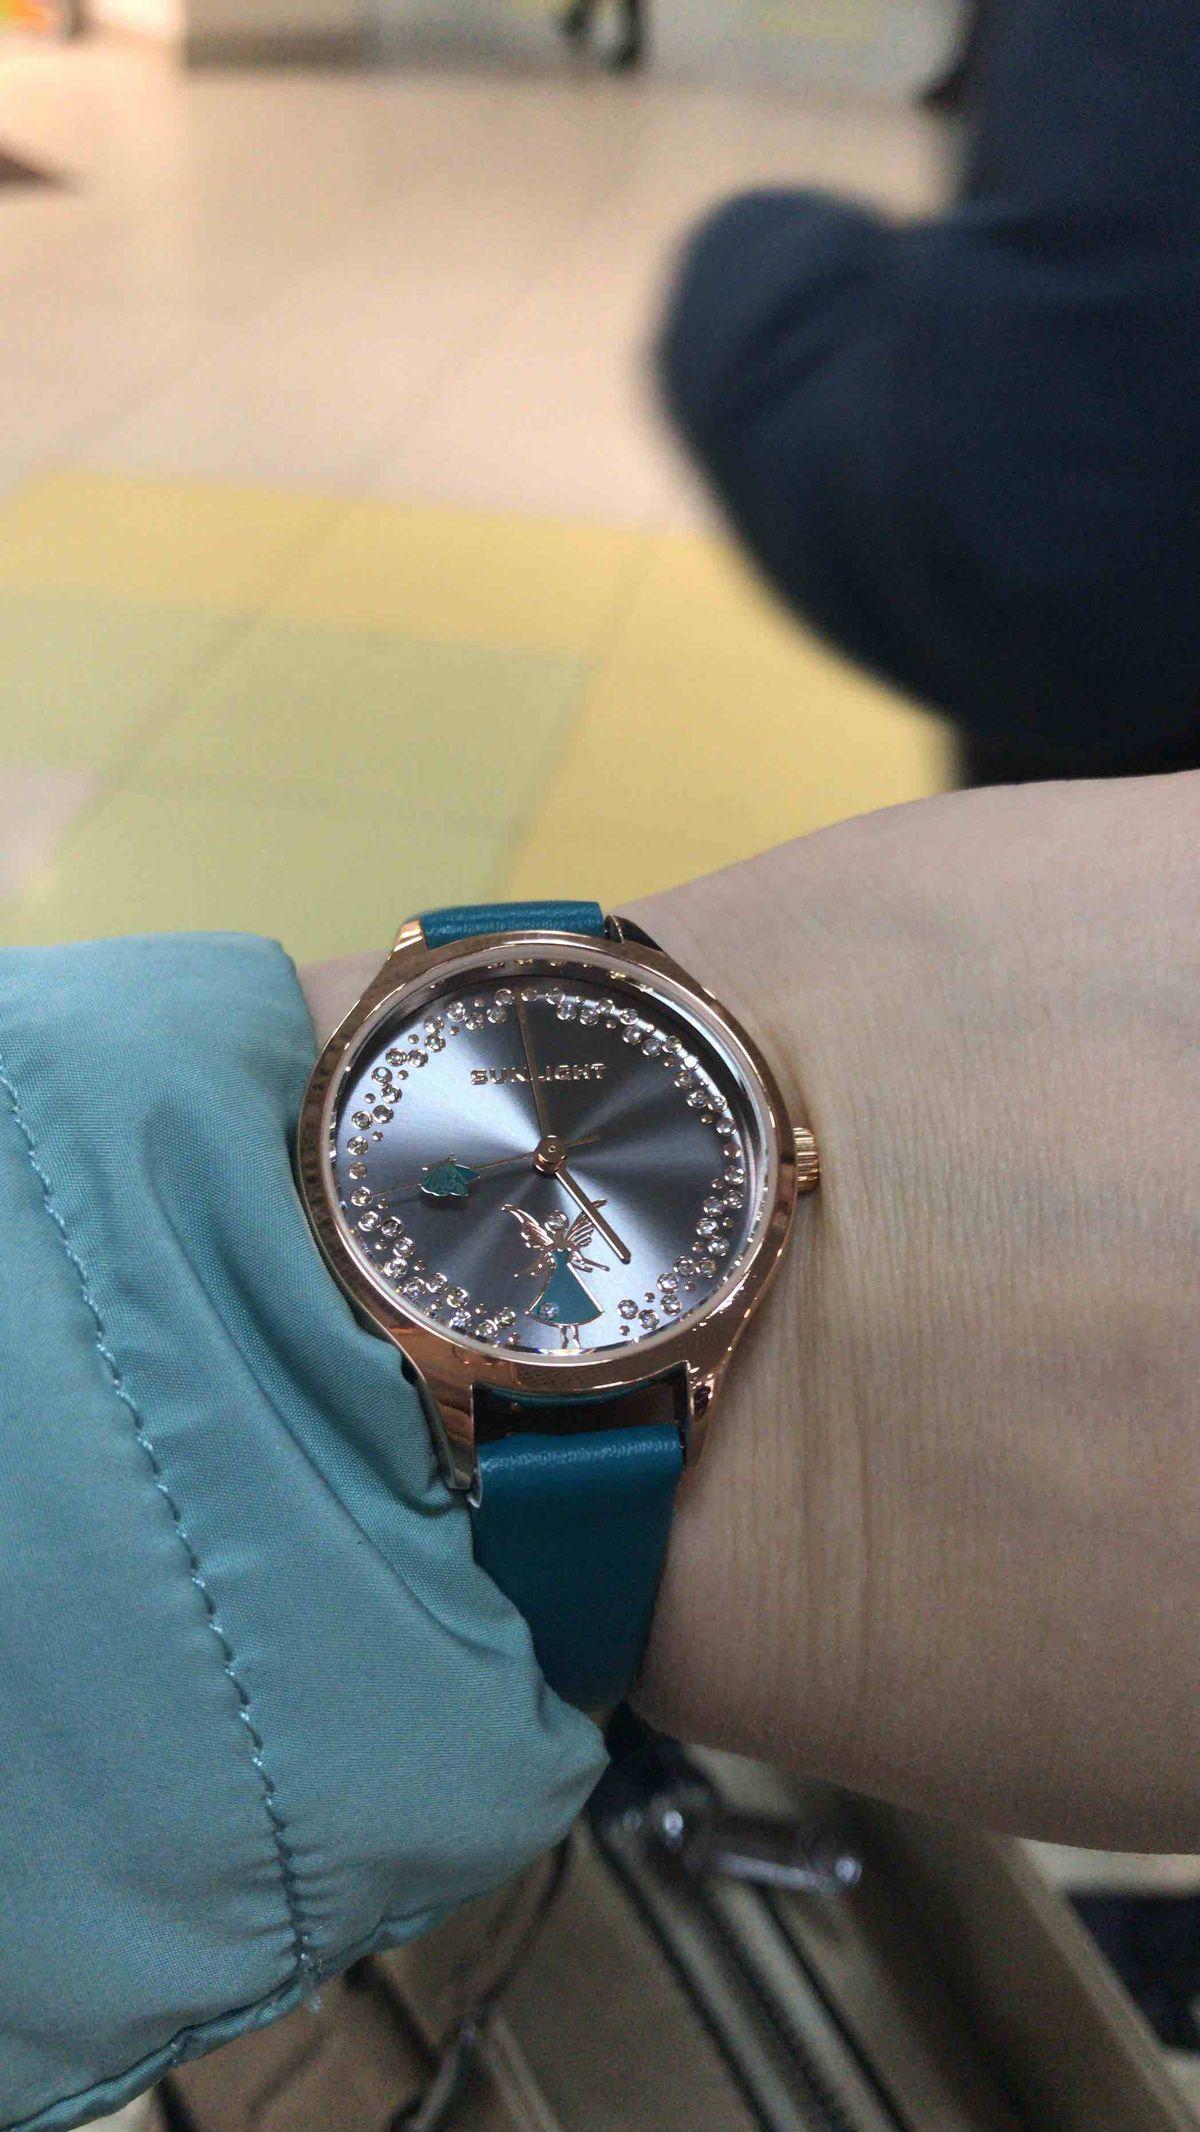 Часики просто прелесть! мой любимый цвет ремешка, очень удобные!